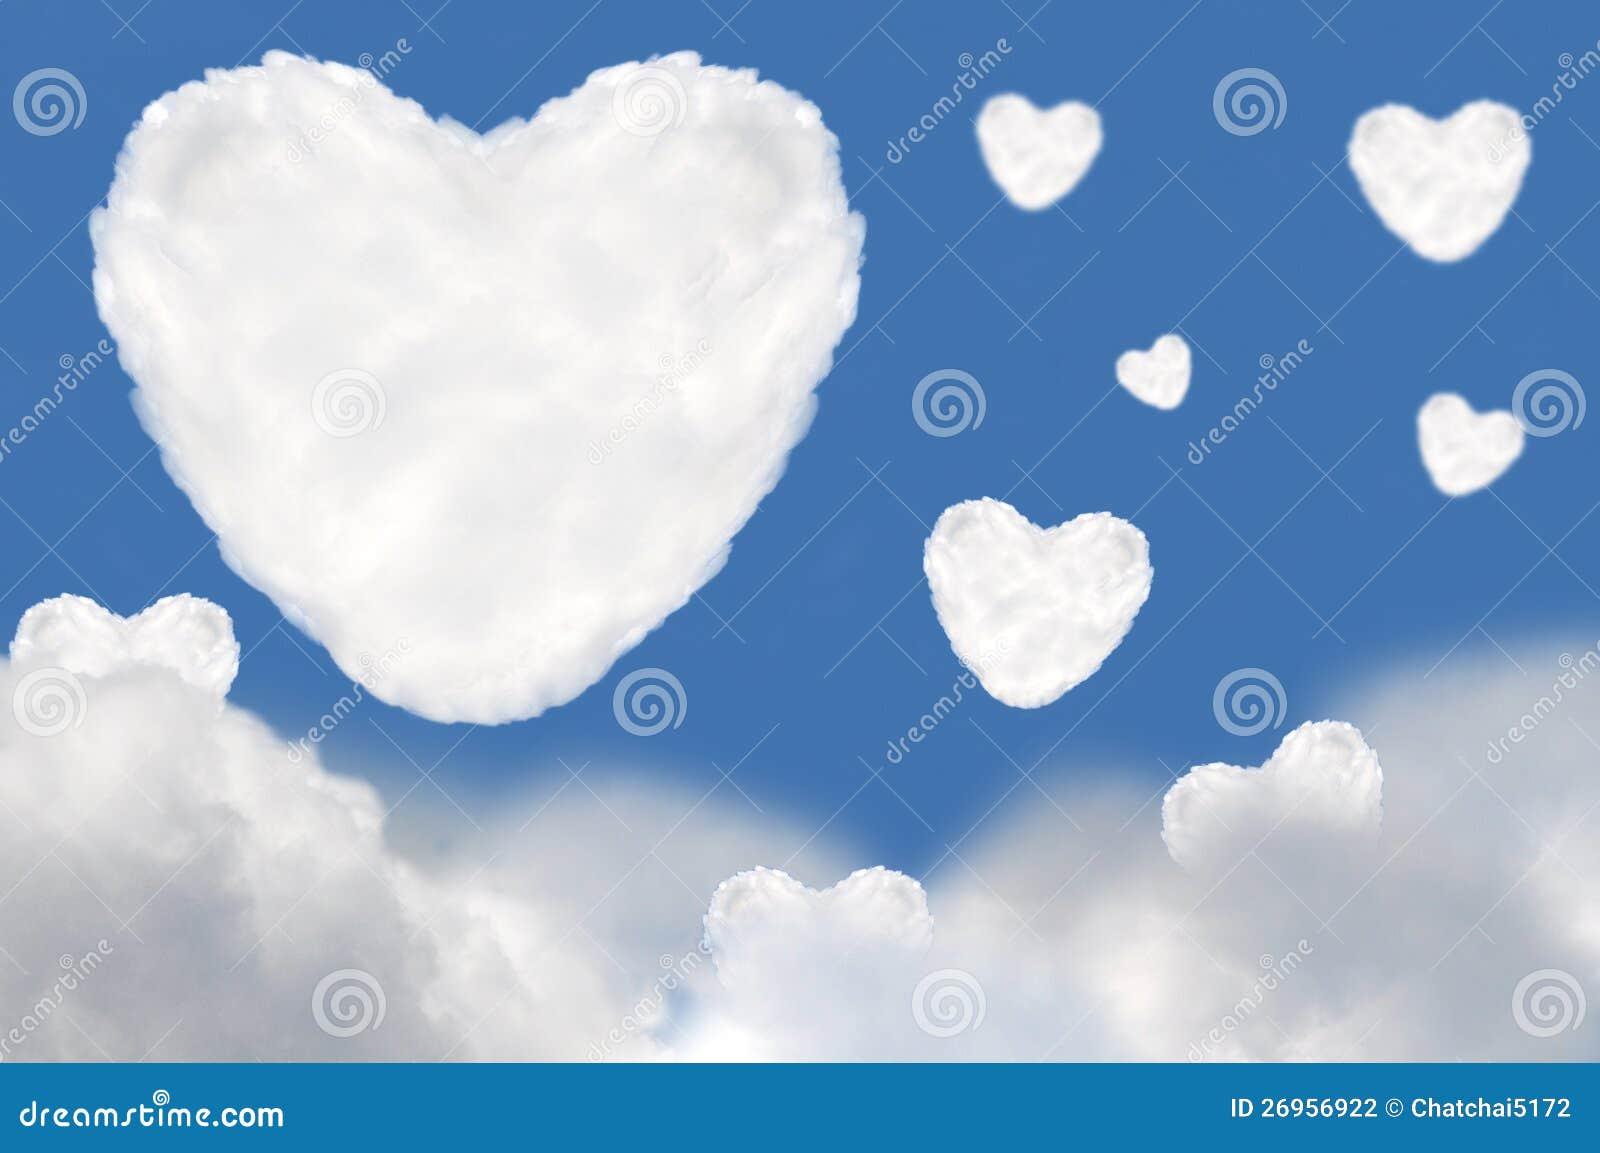 重点云彩 图库摄影 - 图片: 26956922图片